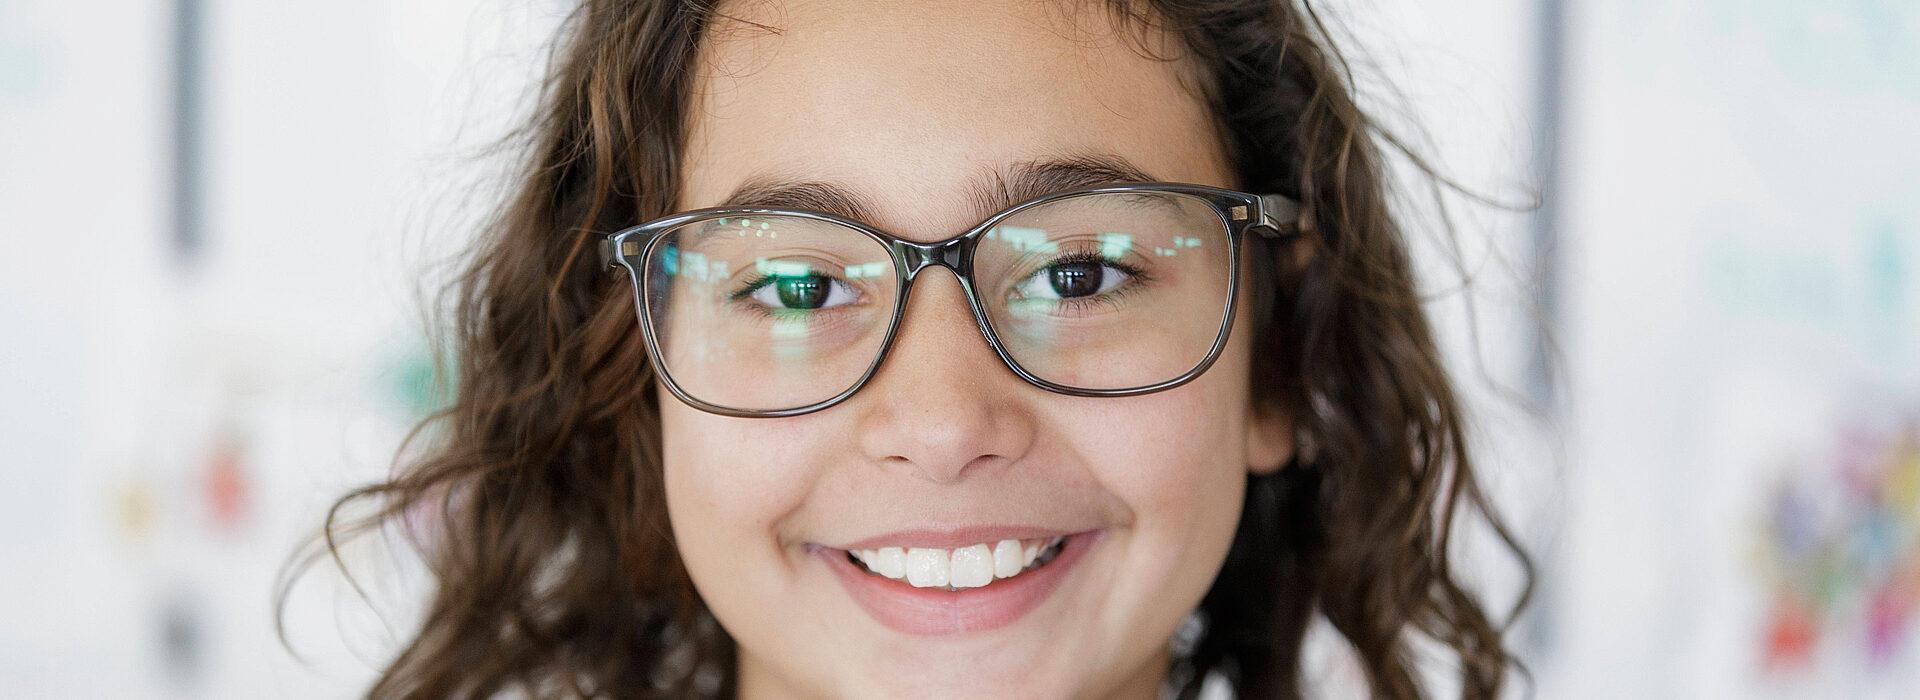 Foto: Lachendes Kind mit Brille - Diakonie Münster